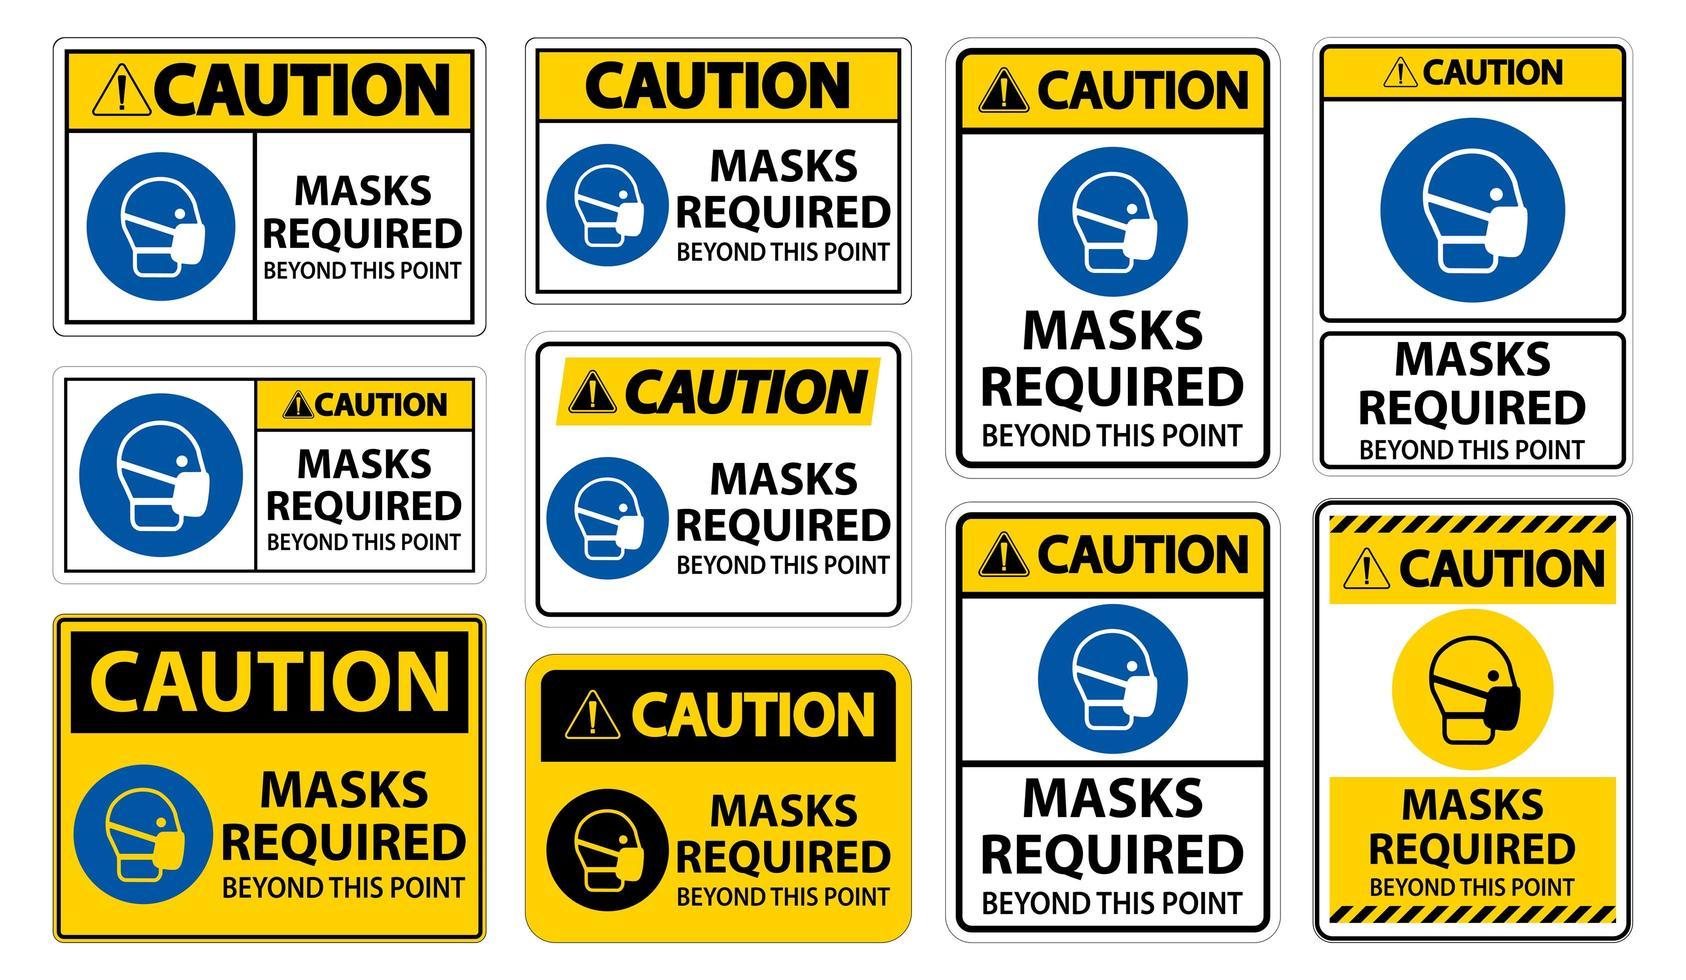 maschere richieste oltre questo segno vettore